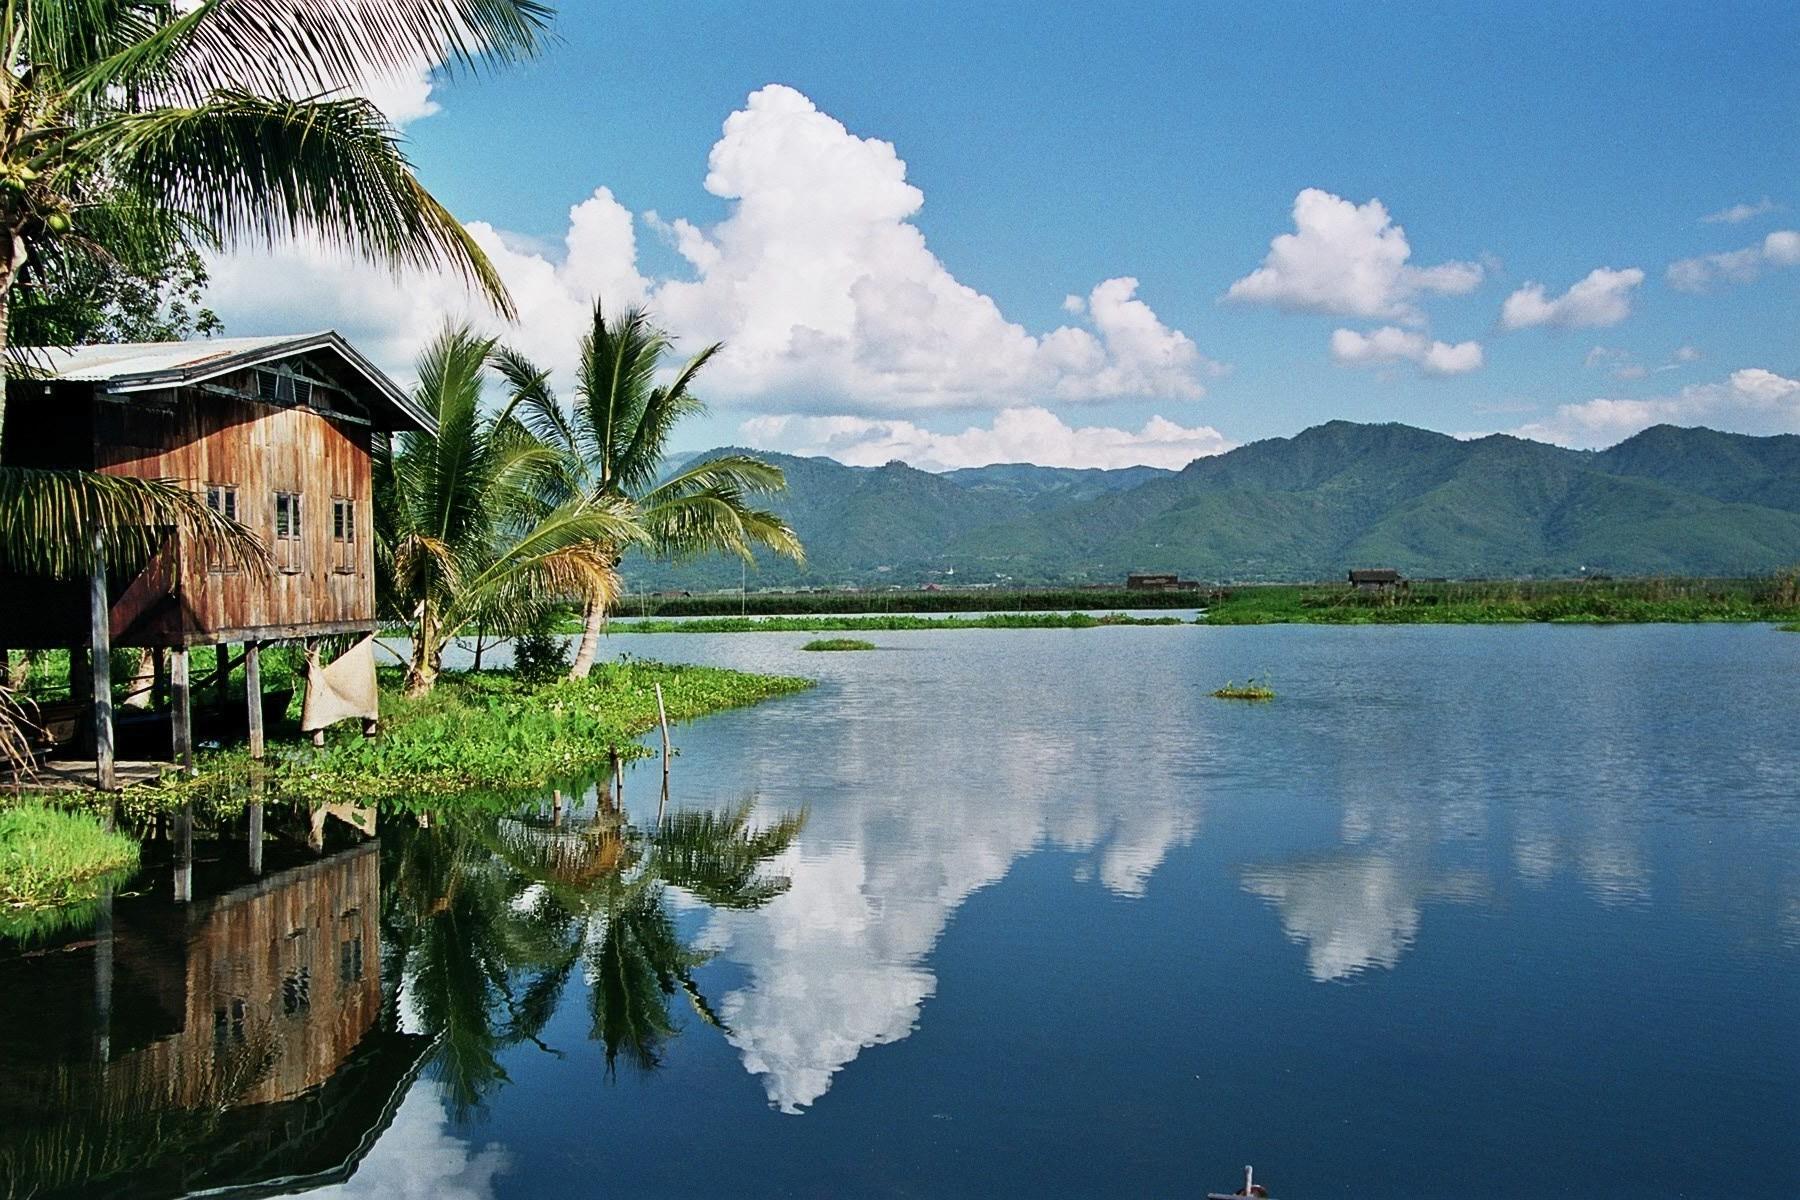 Burma körutazás - Inle tó látkép